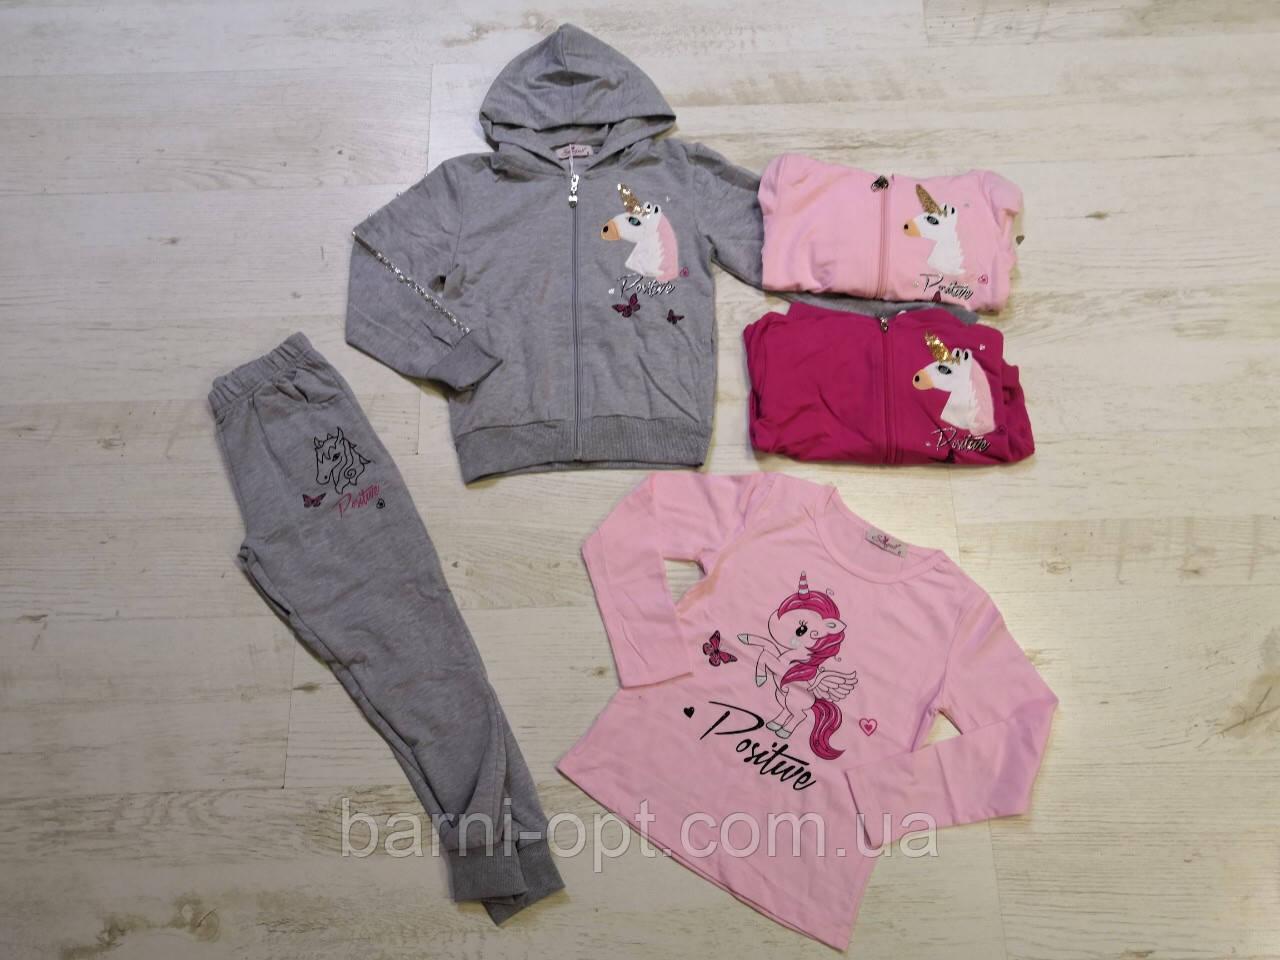 Трикотажні костюми для дівчаток, Seagull, 4-12 рр